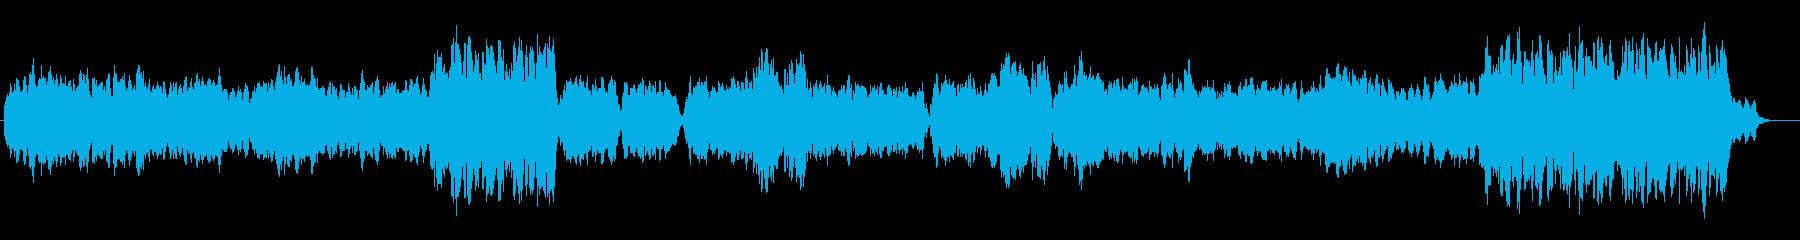 交響曲 静かな旋律から力強く盛り上がるの再生済みの波形